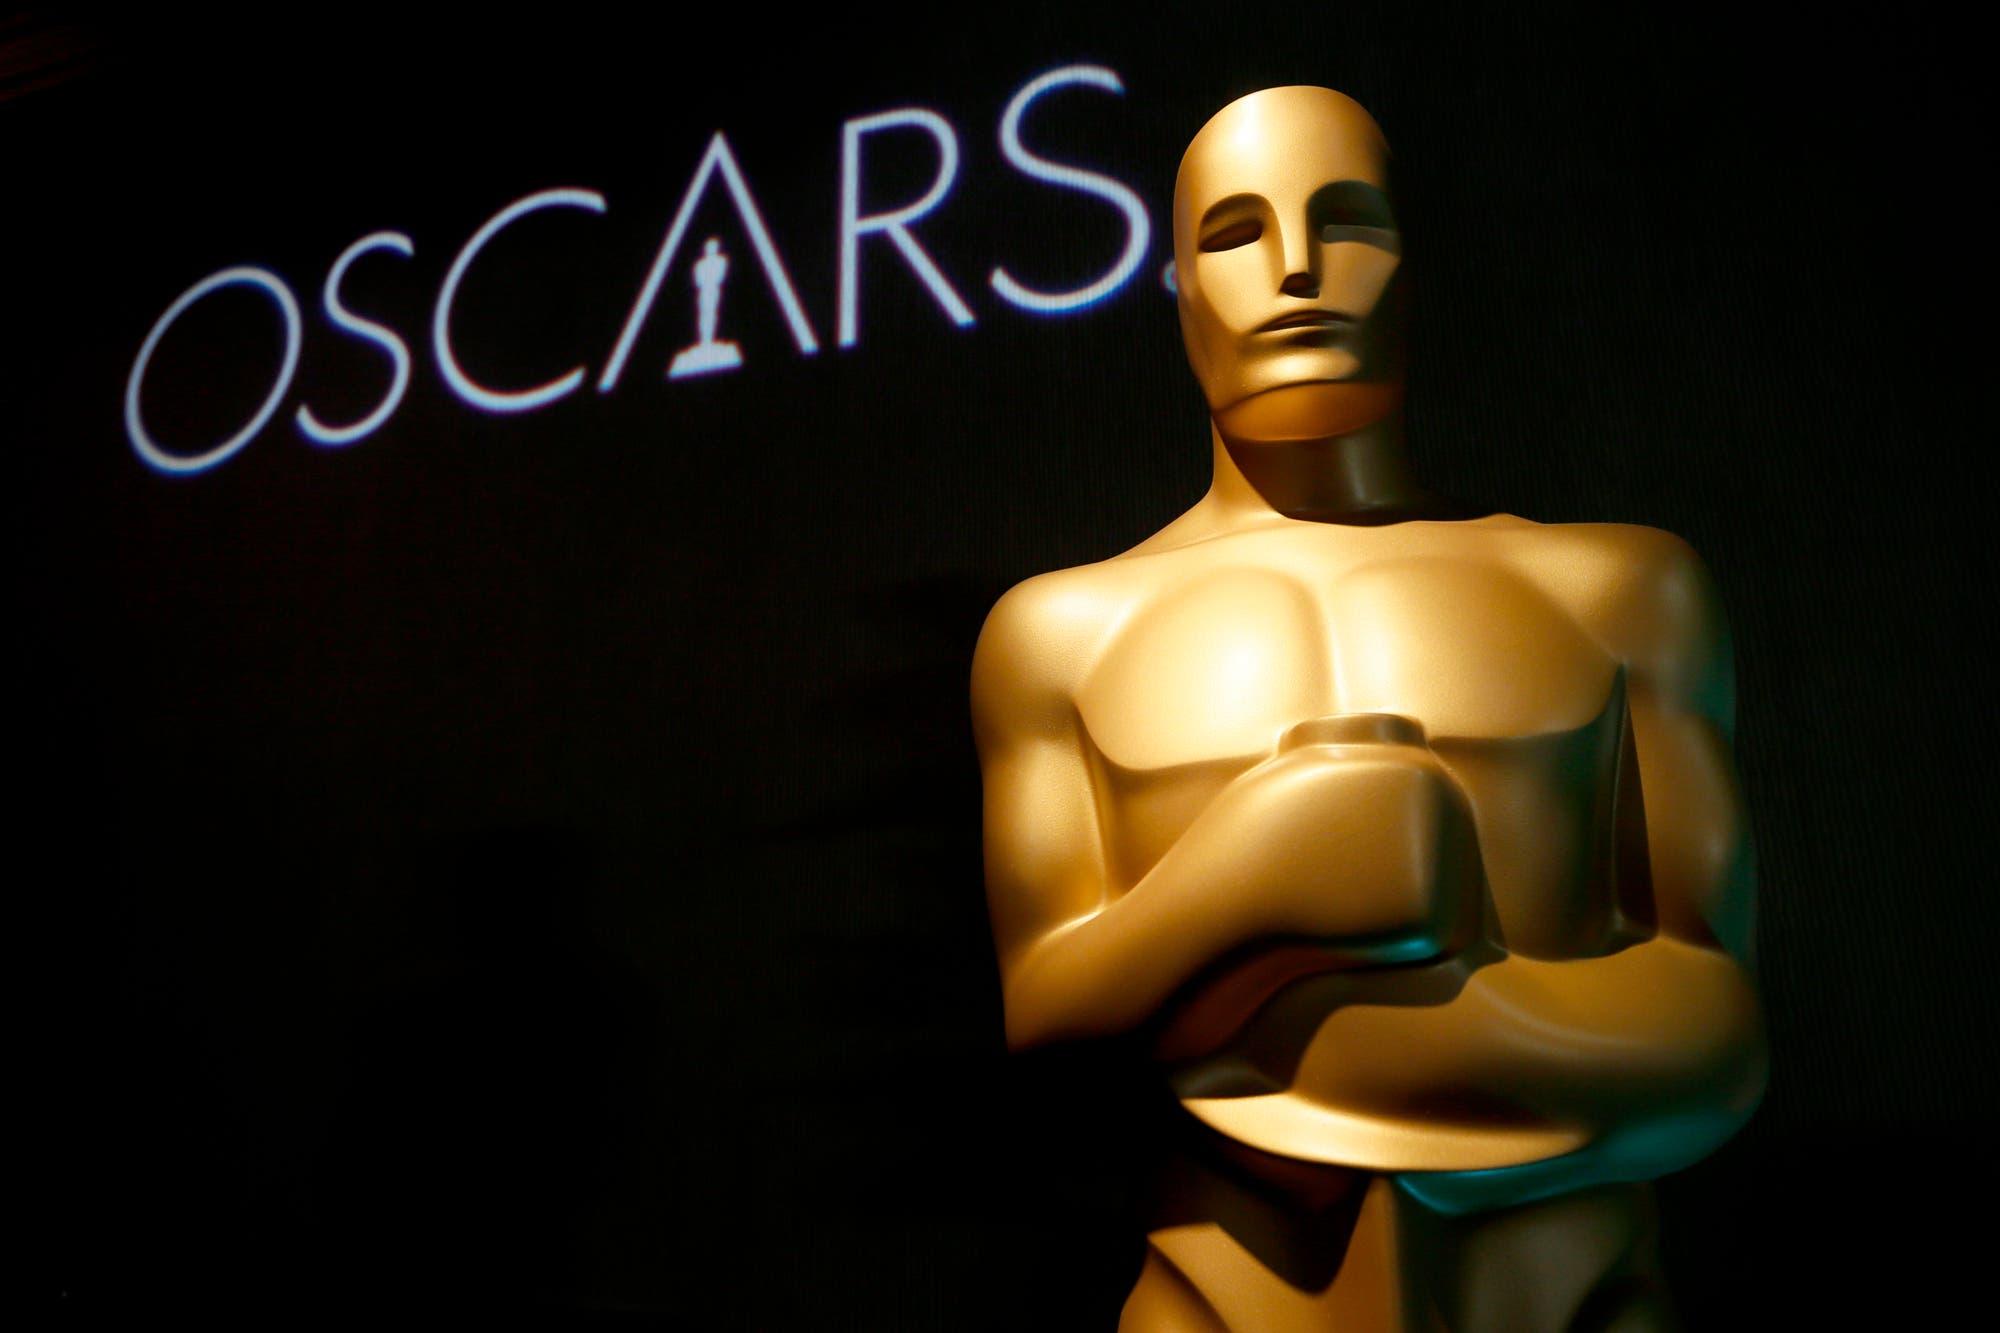 Premios Oscar 2019: la ceremonia no tendrá anfitrión y los discursos serán cronometrados